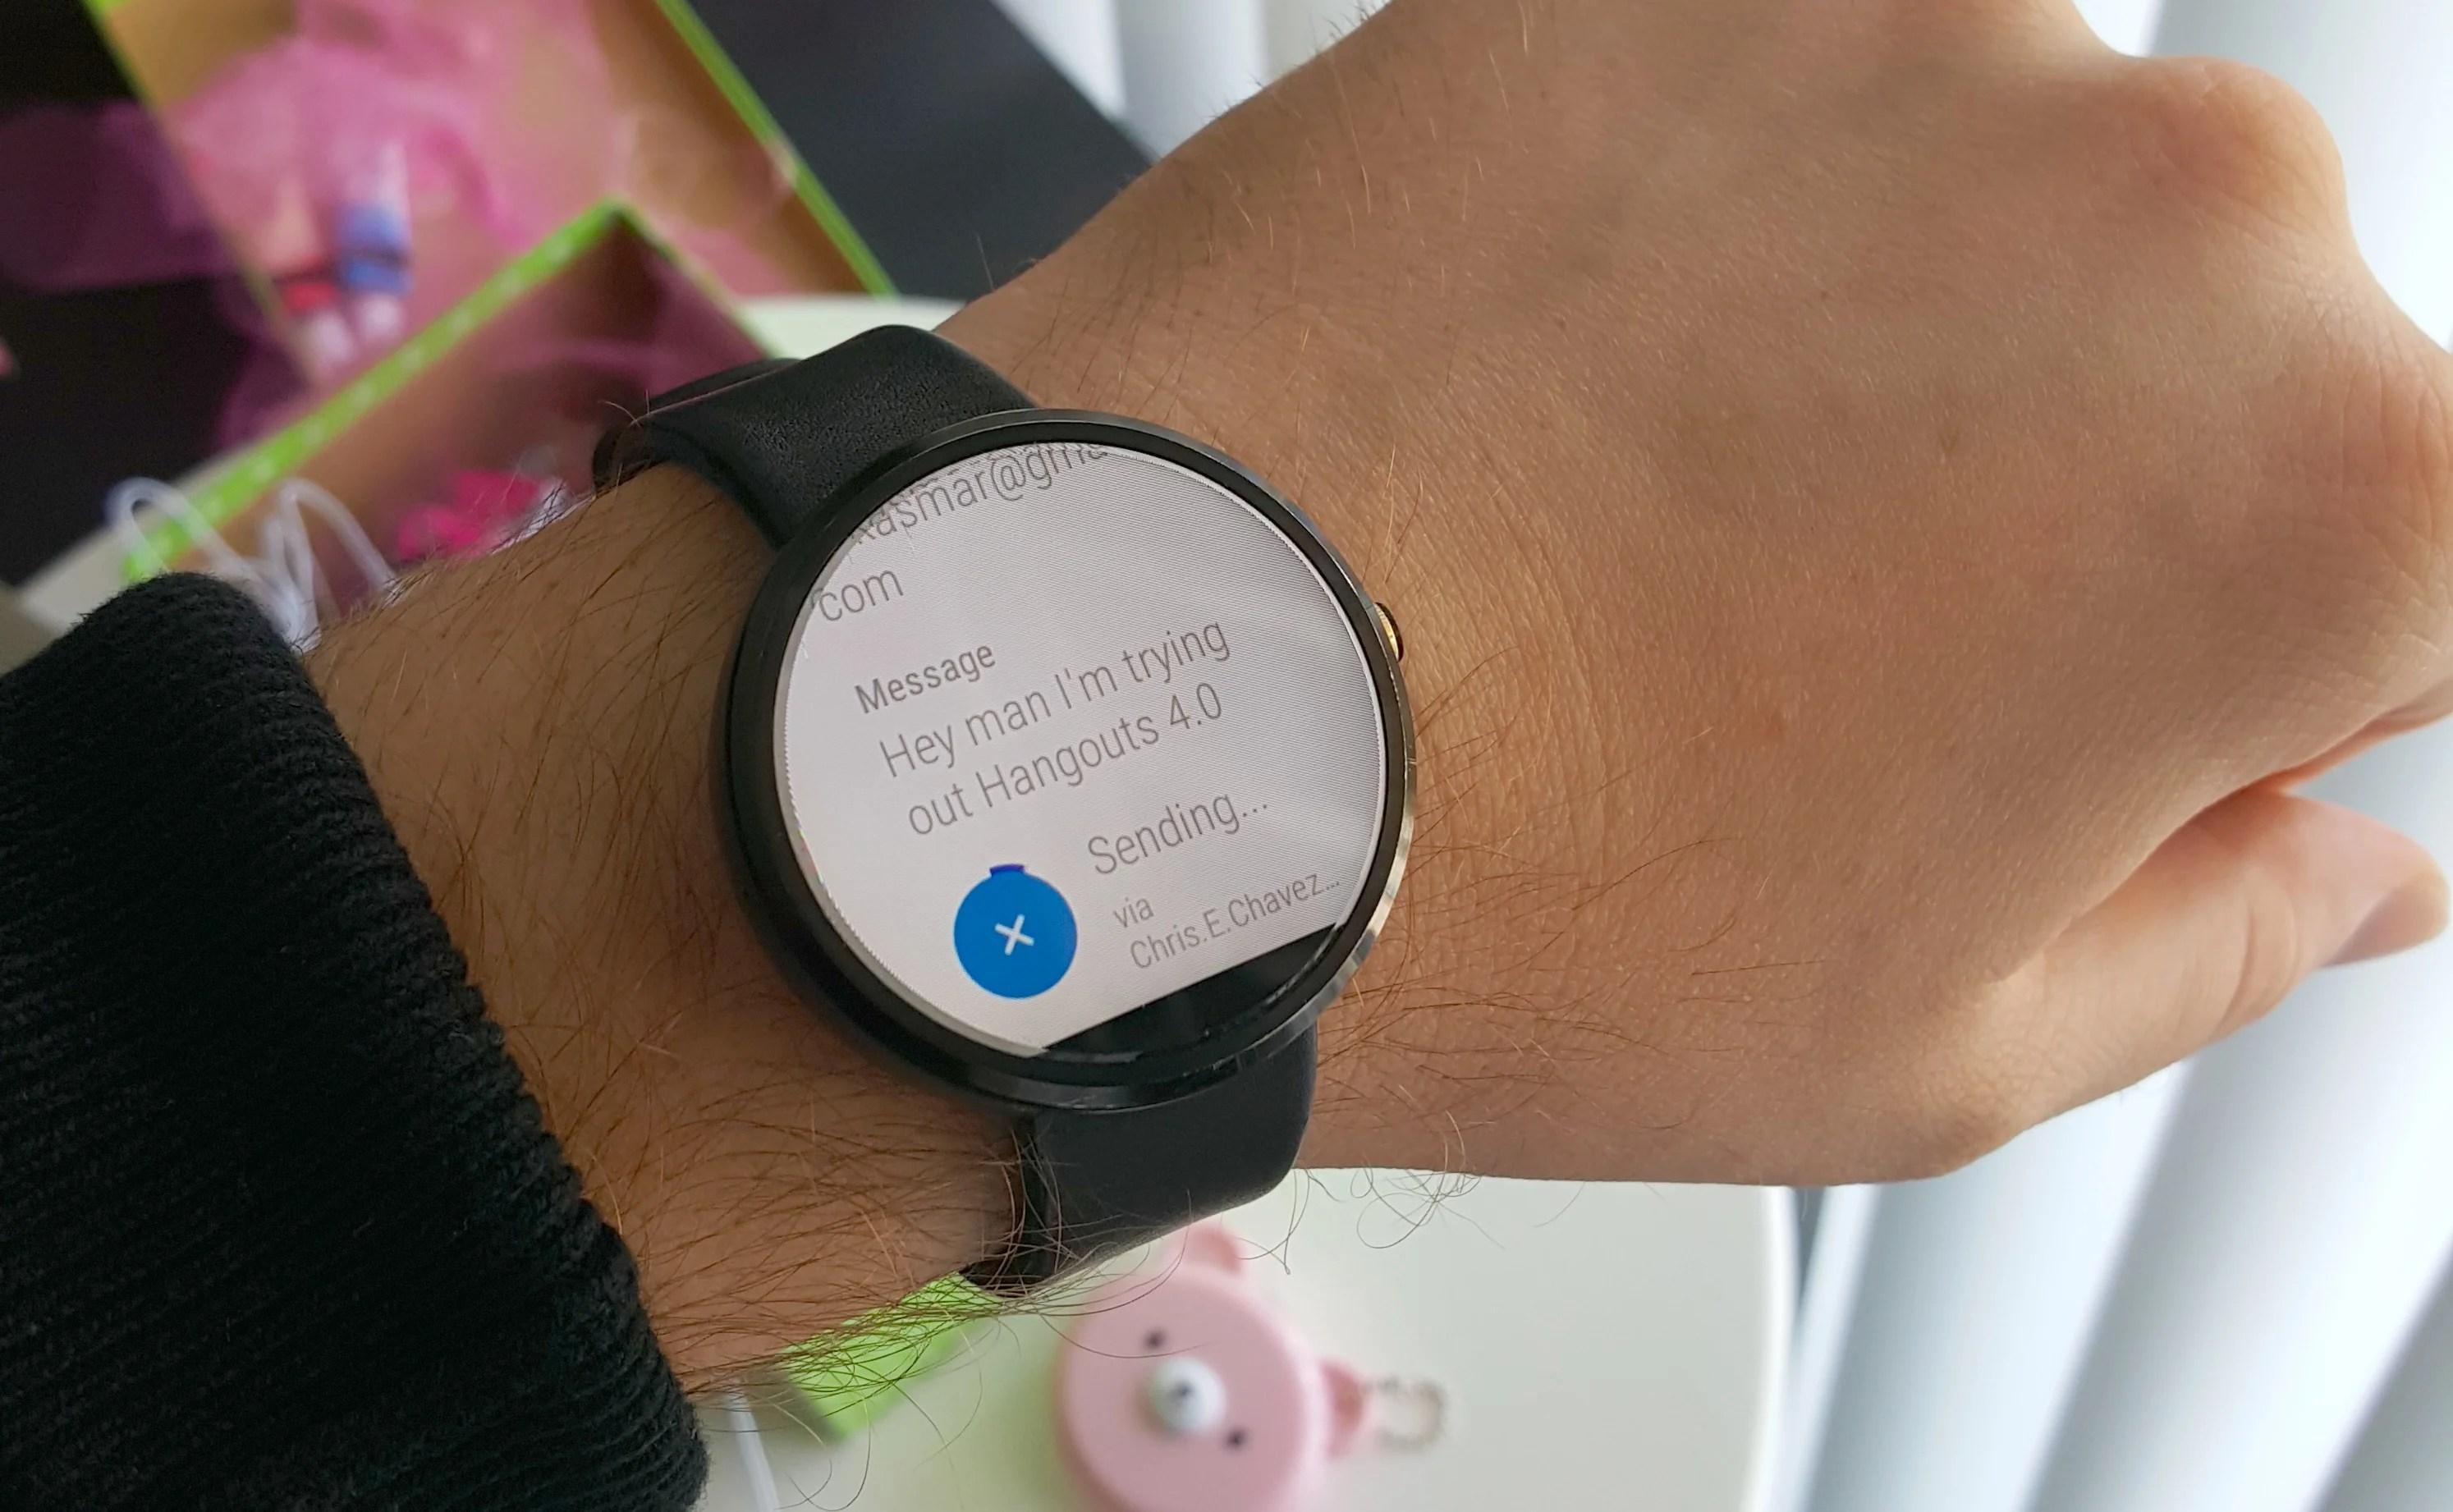 Hangouts4.0 : le support d'Android Wear sera amélioré